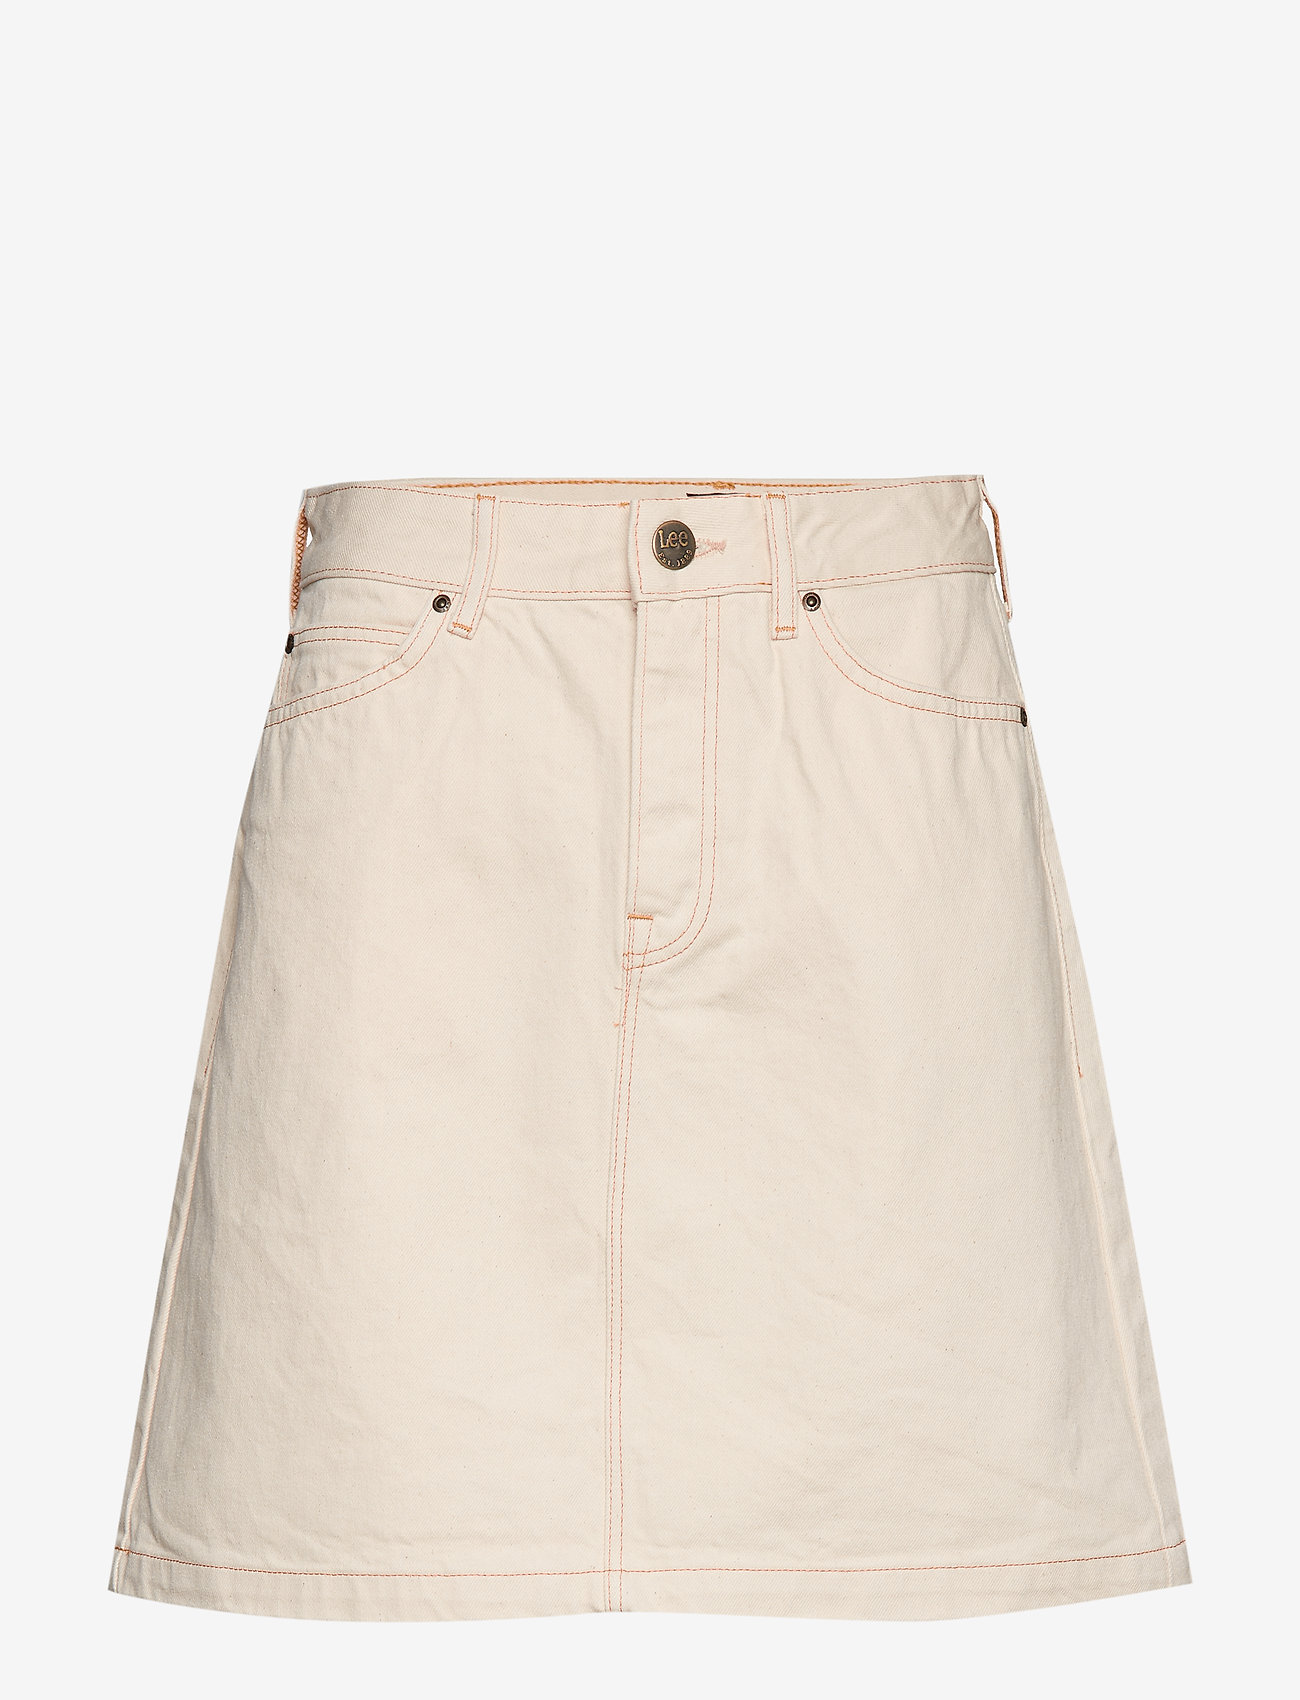 Lee Jeans - SEASONAL SKIRT - denimskjørt - off white - 0